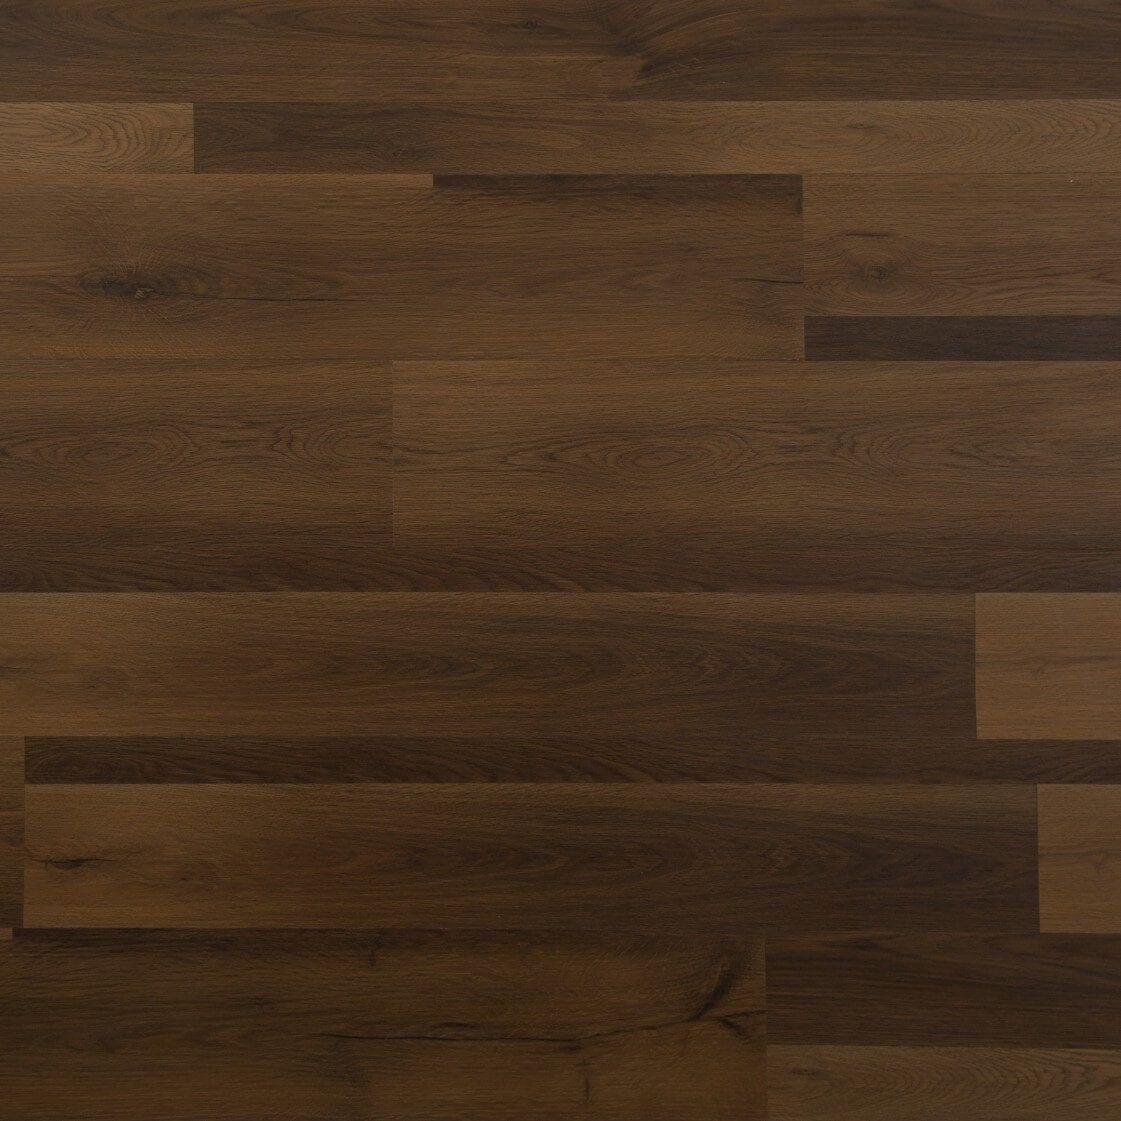 5mm SPC flooring melbourne Flooring, Court flooring